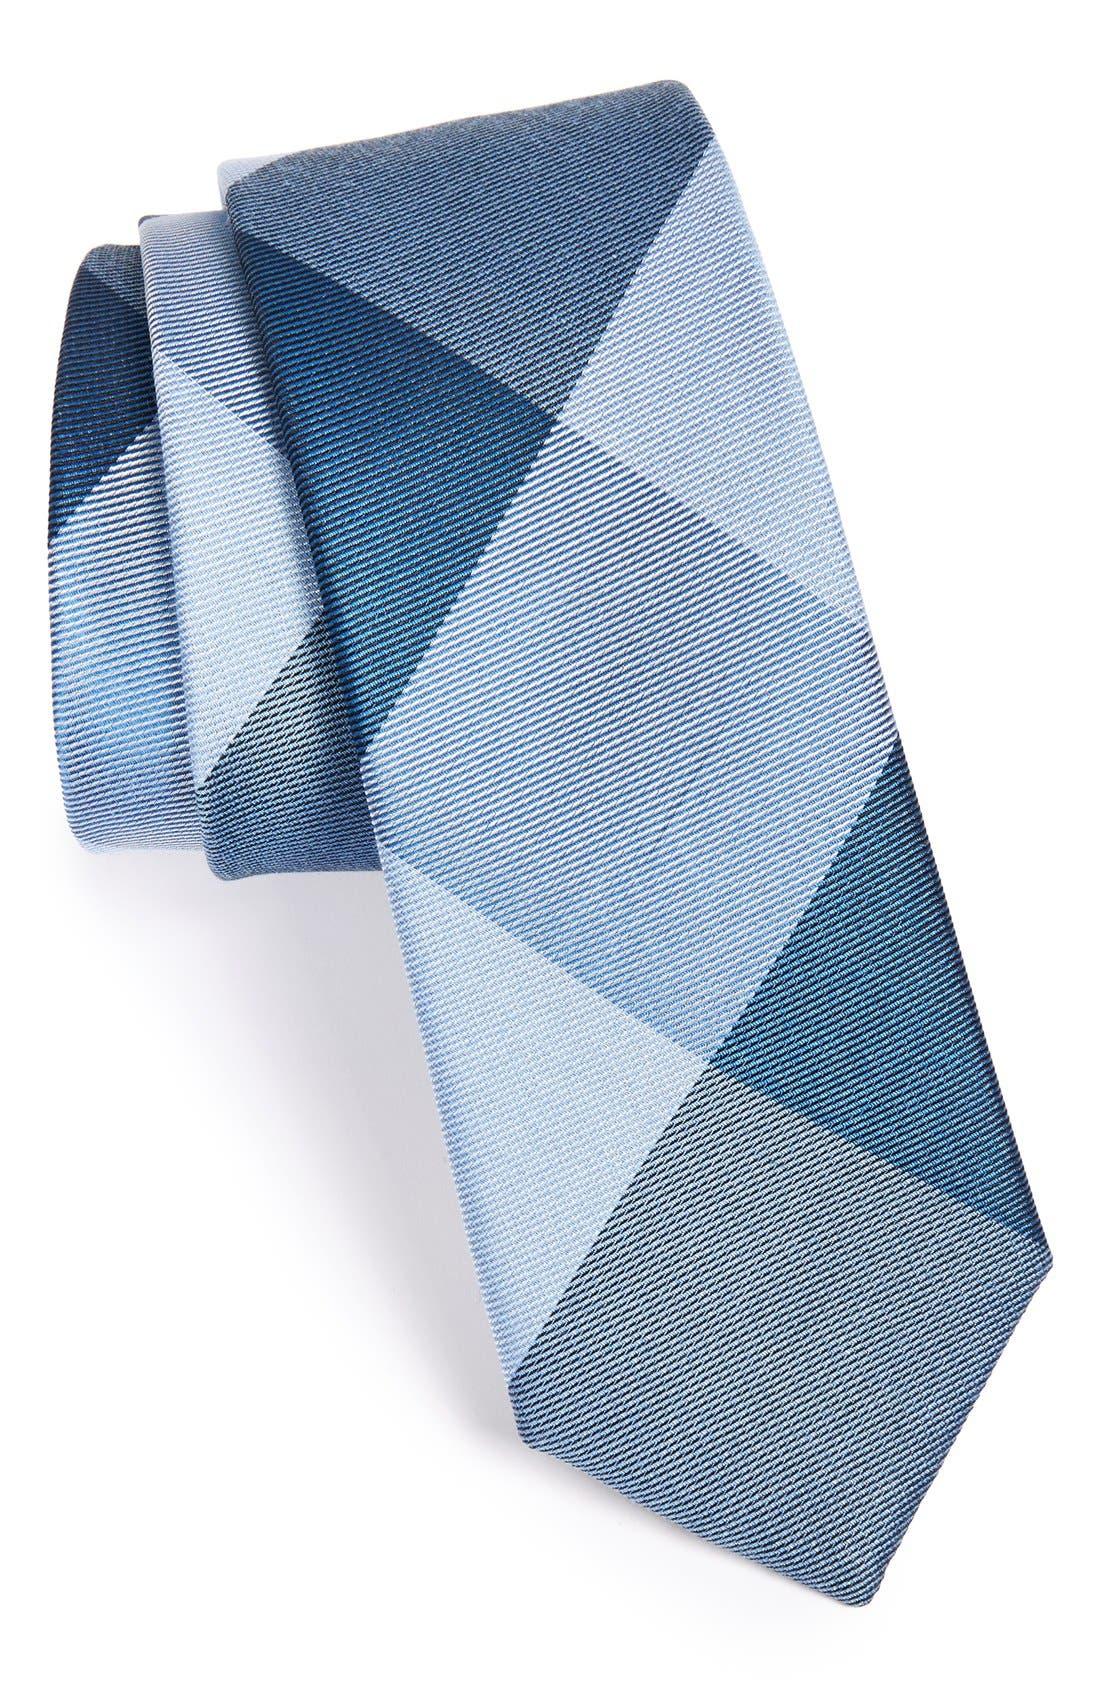 'Bison' Silk Plaid Tie,                             Main thumbnail 1, color,                             BLUES